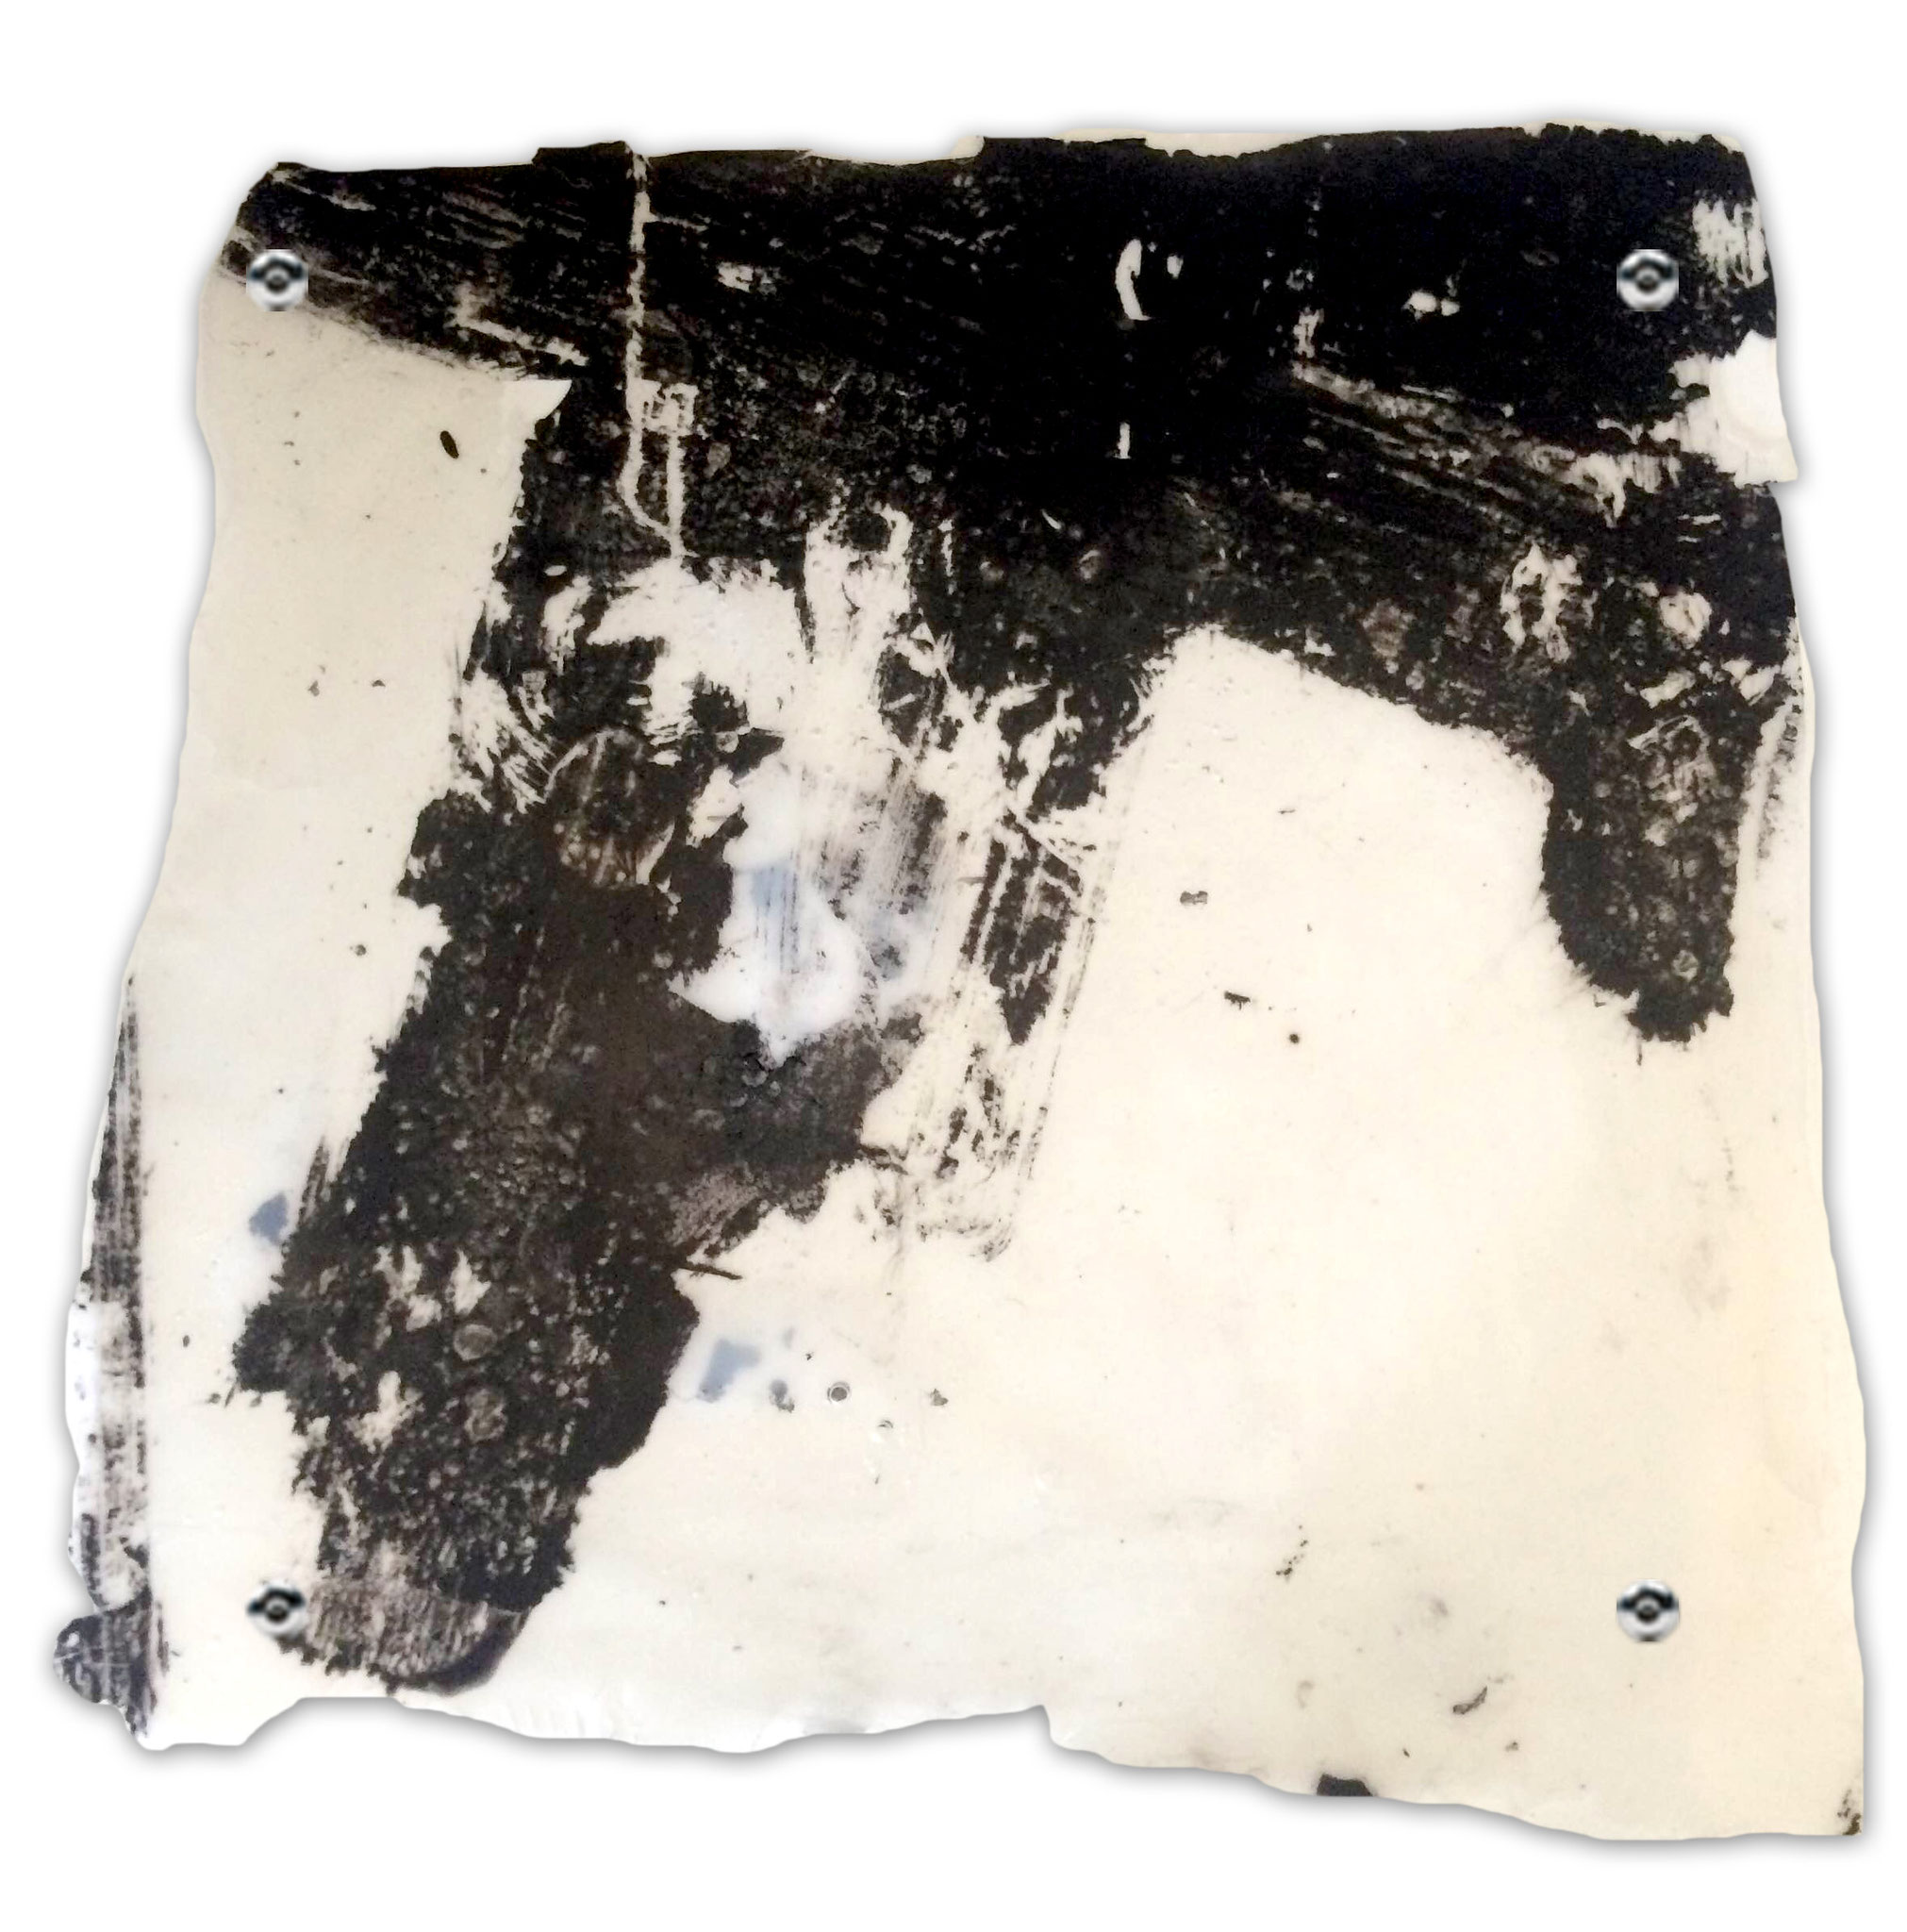 Tile II, 2016, mixed media on vinilic glue